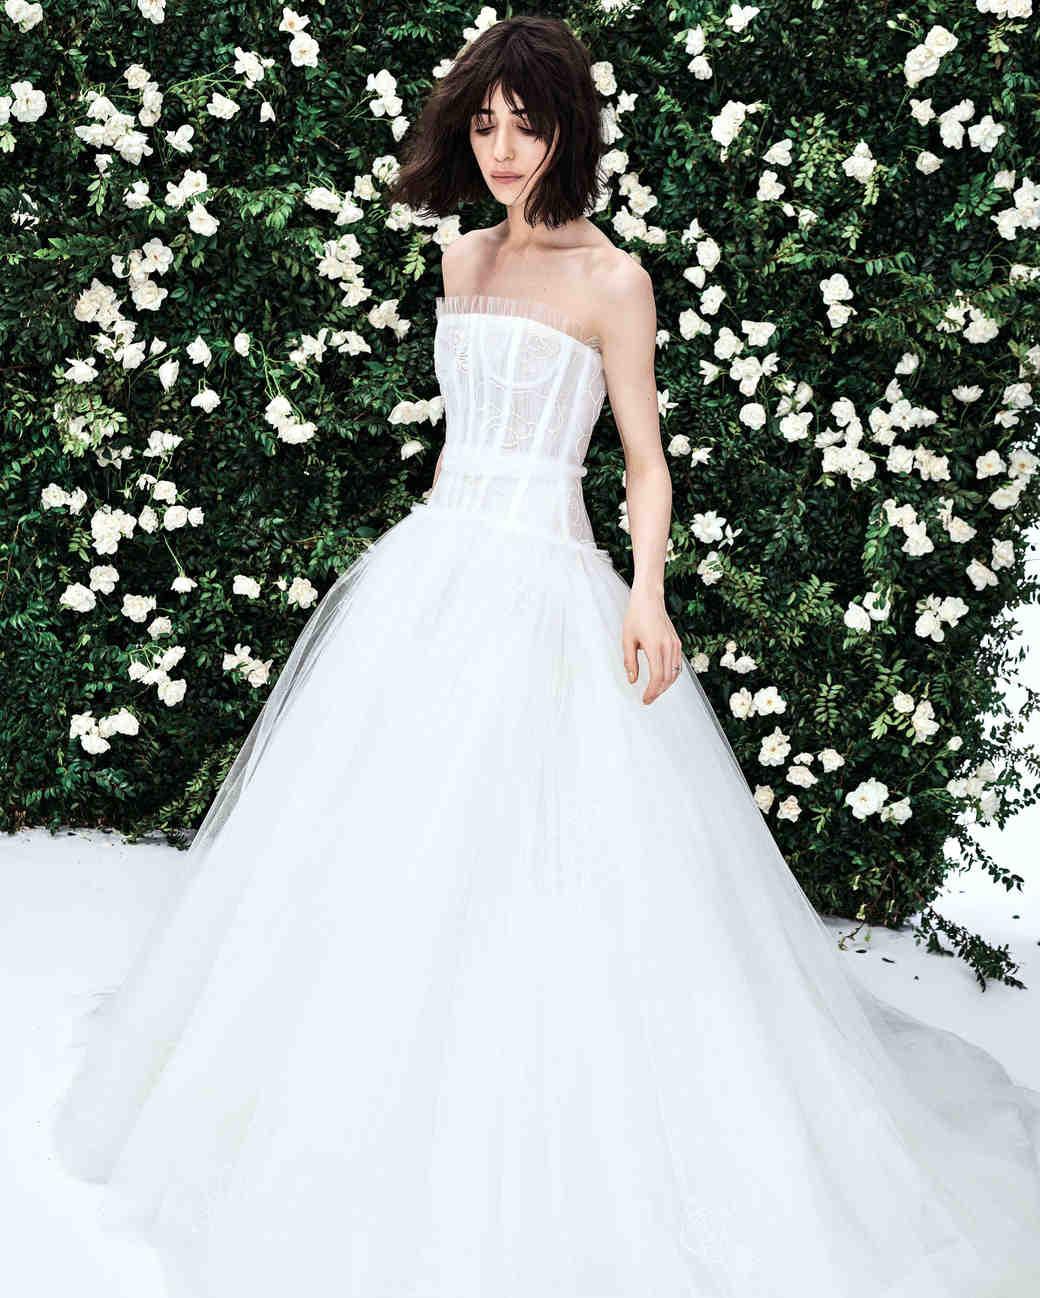 22f3b375f8a4 Carolina Herrera Spring 2020 Wedding Dress Collection   Martha Stewart  Weddings